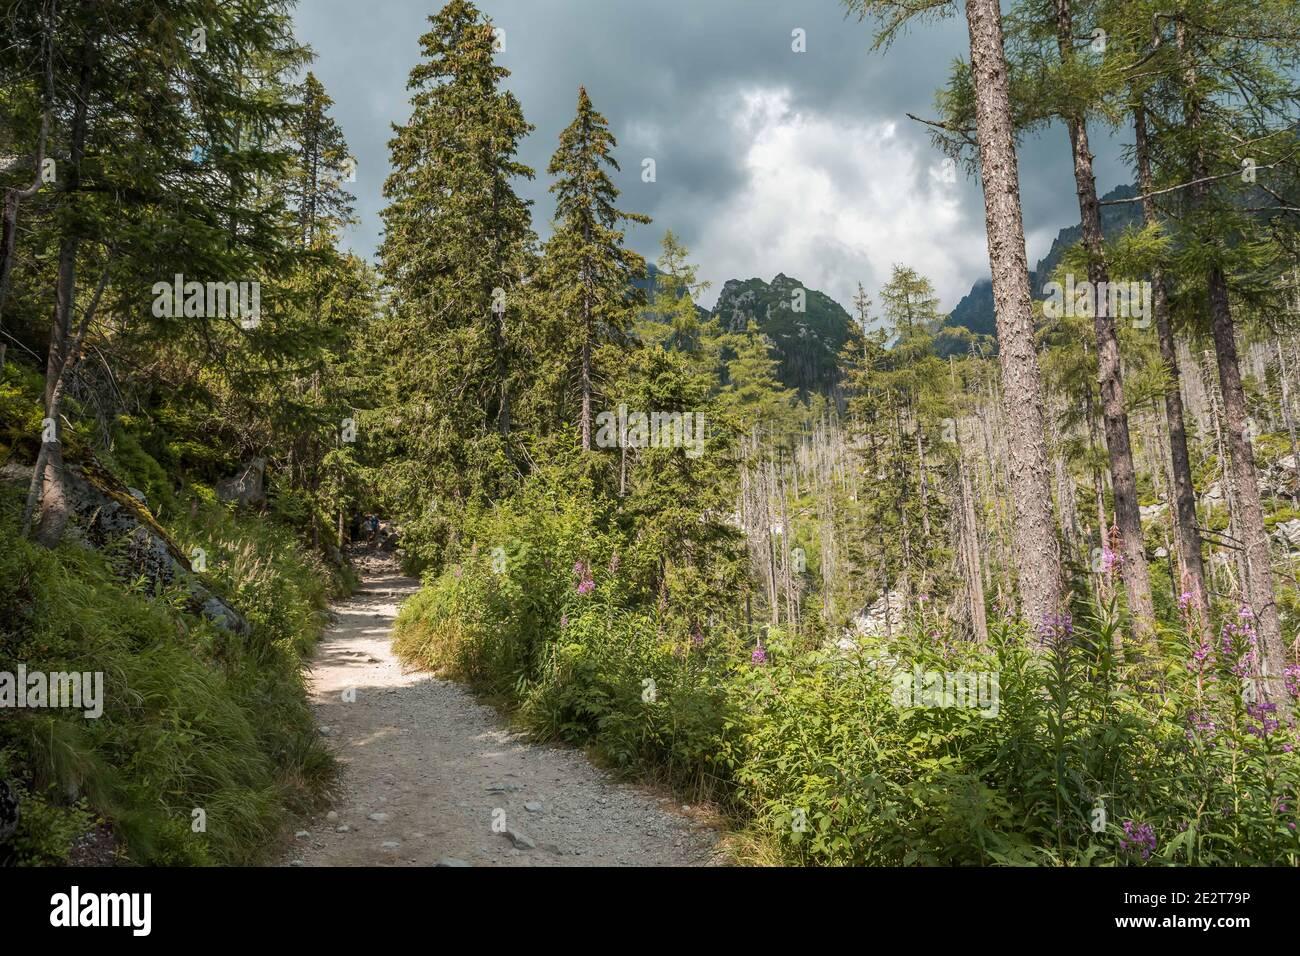 Sentier de randonnée Rocky à Studena dolina, parc national des Hautes Tatras, Slovaquie, Europe, ciel nuageux. Banque D'Images